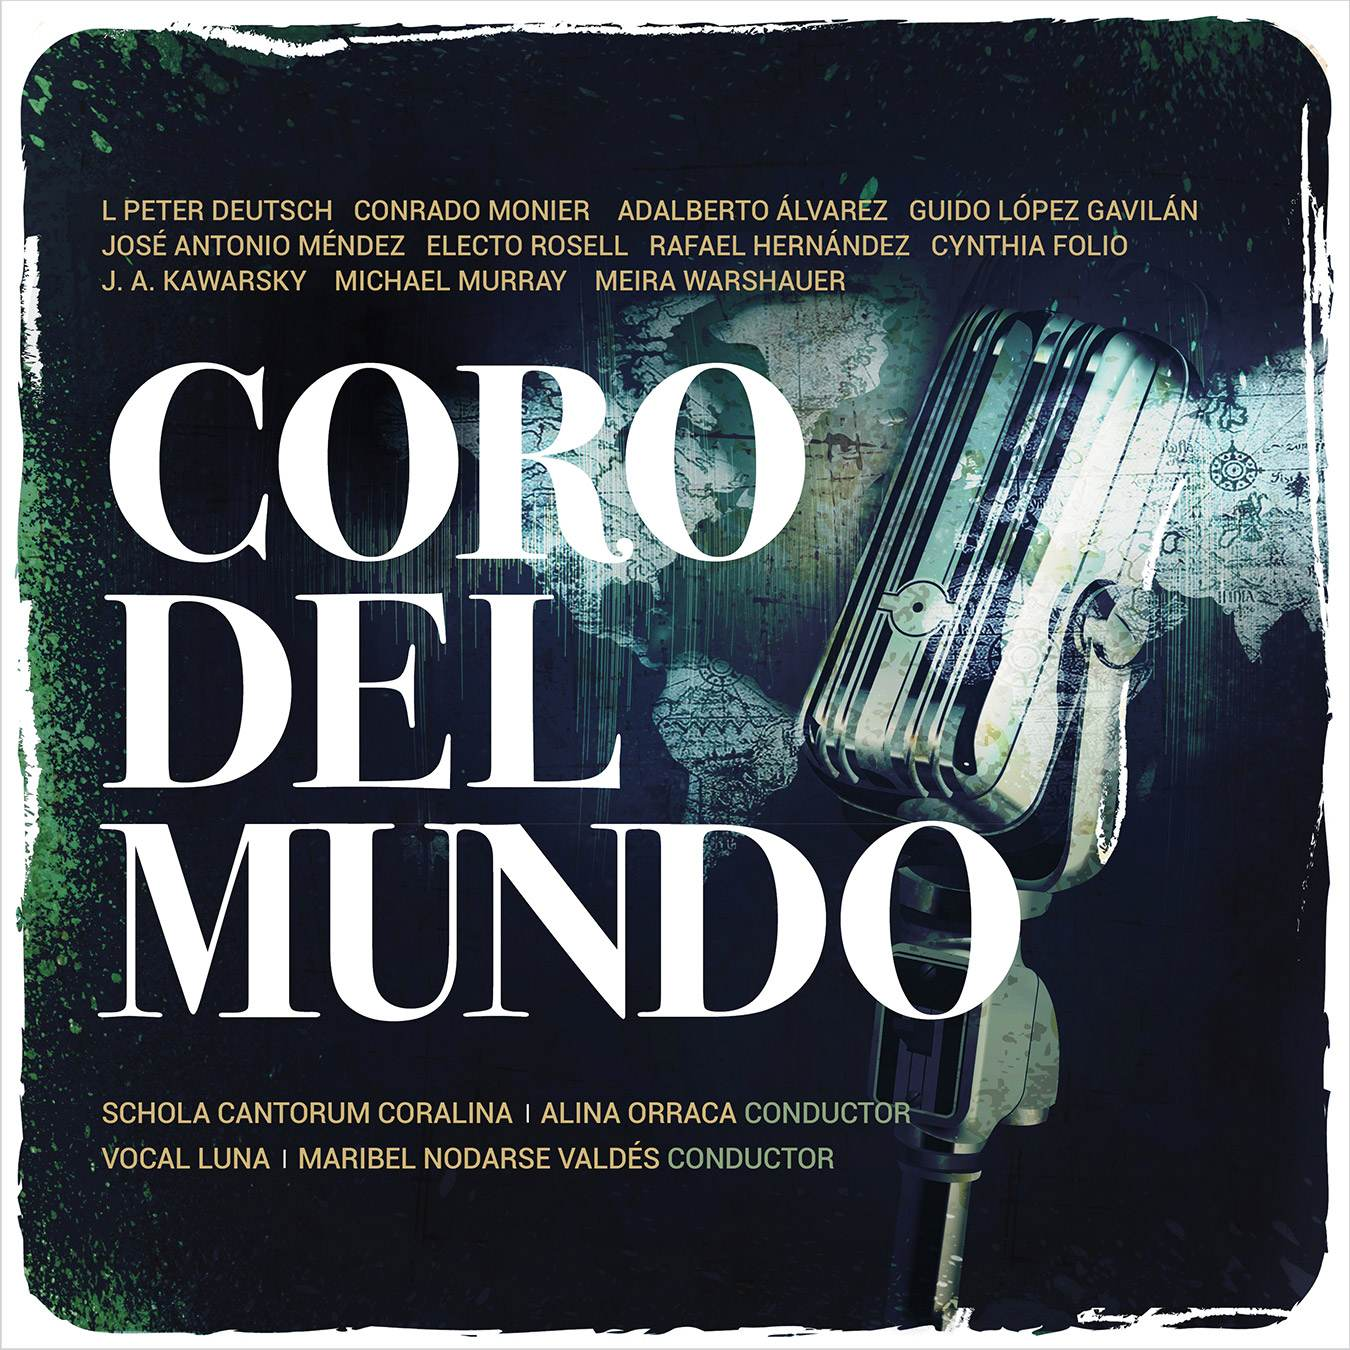 CORO DEL MUNDO - Album Cover